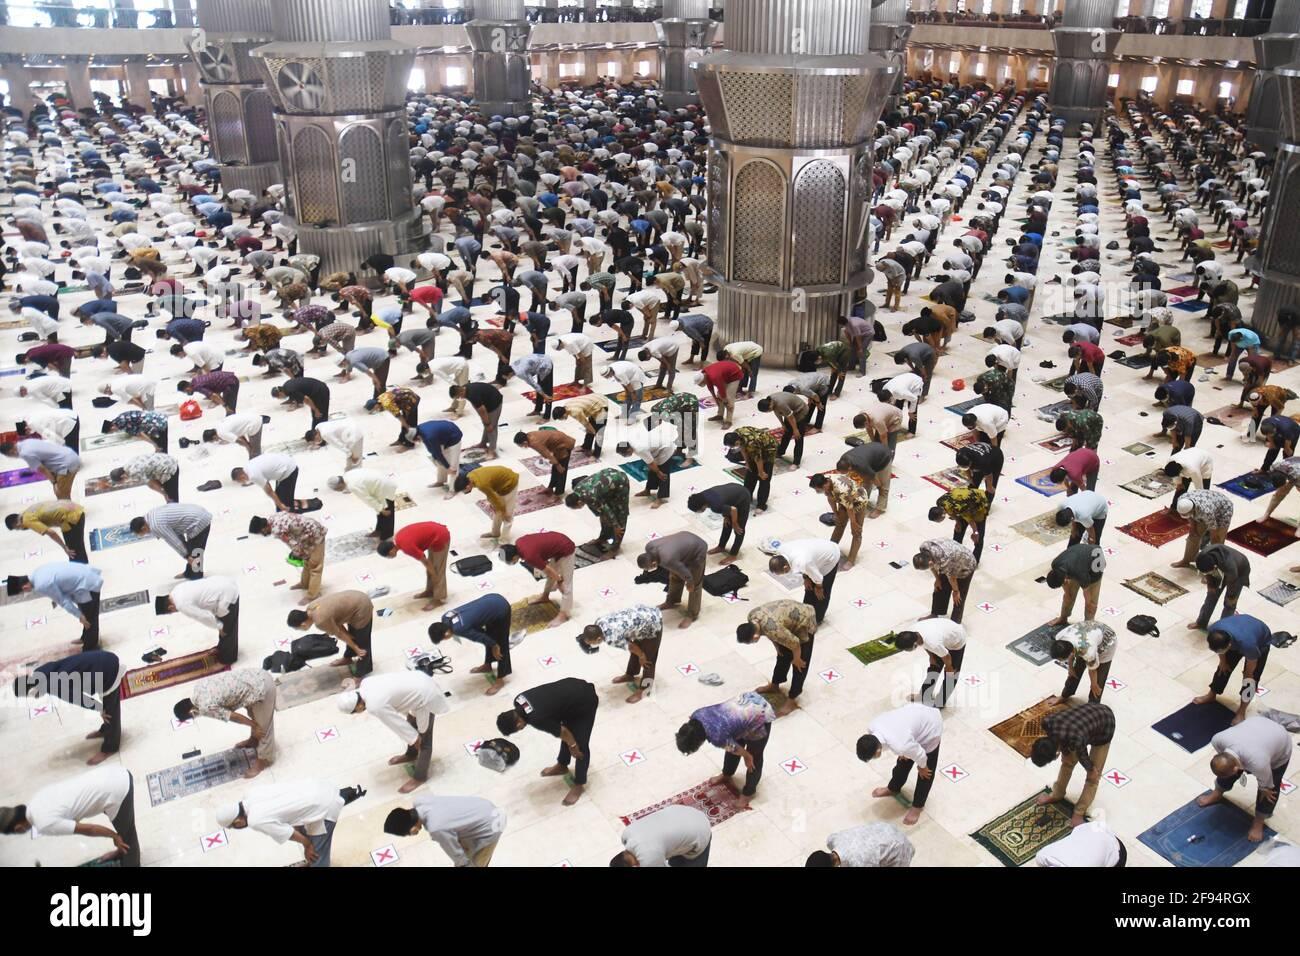 (210416) -- JAKARTA, 16 de abril de 2021 (Xinhua) -- Los musulmanes asisten a la oración del primer viernes al mediodía con distanciamiento social durante el mes santo del Ramadán en la Mezquita Istiqlal en Yakarta, Indonesia, el 16 de abril de 2021. (Foto: Dasril Roszandi/Xinhua) Foto de stock